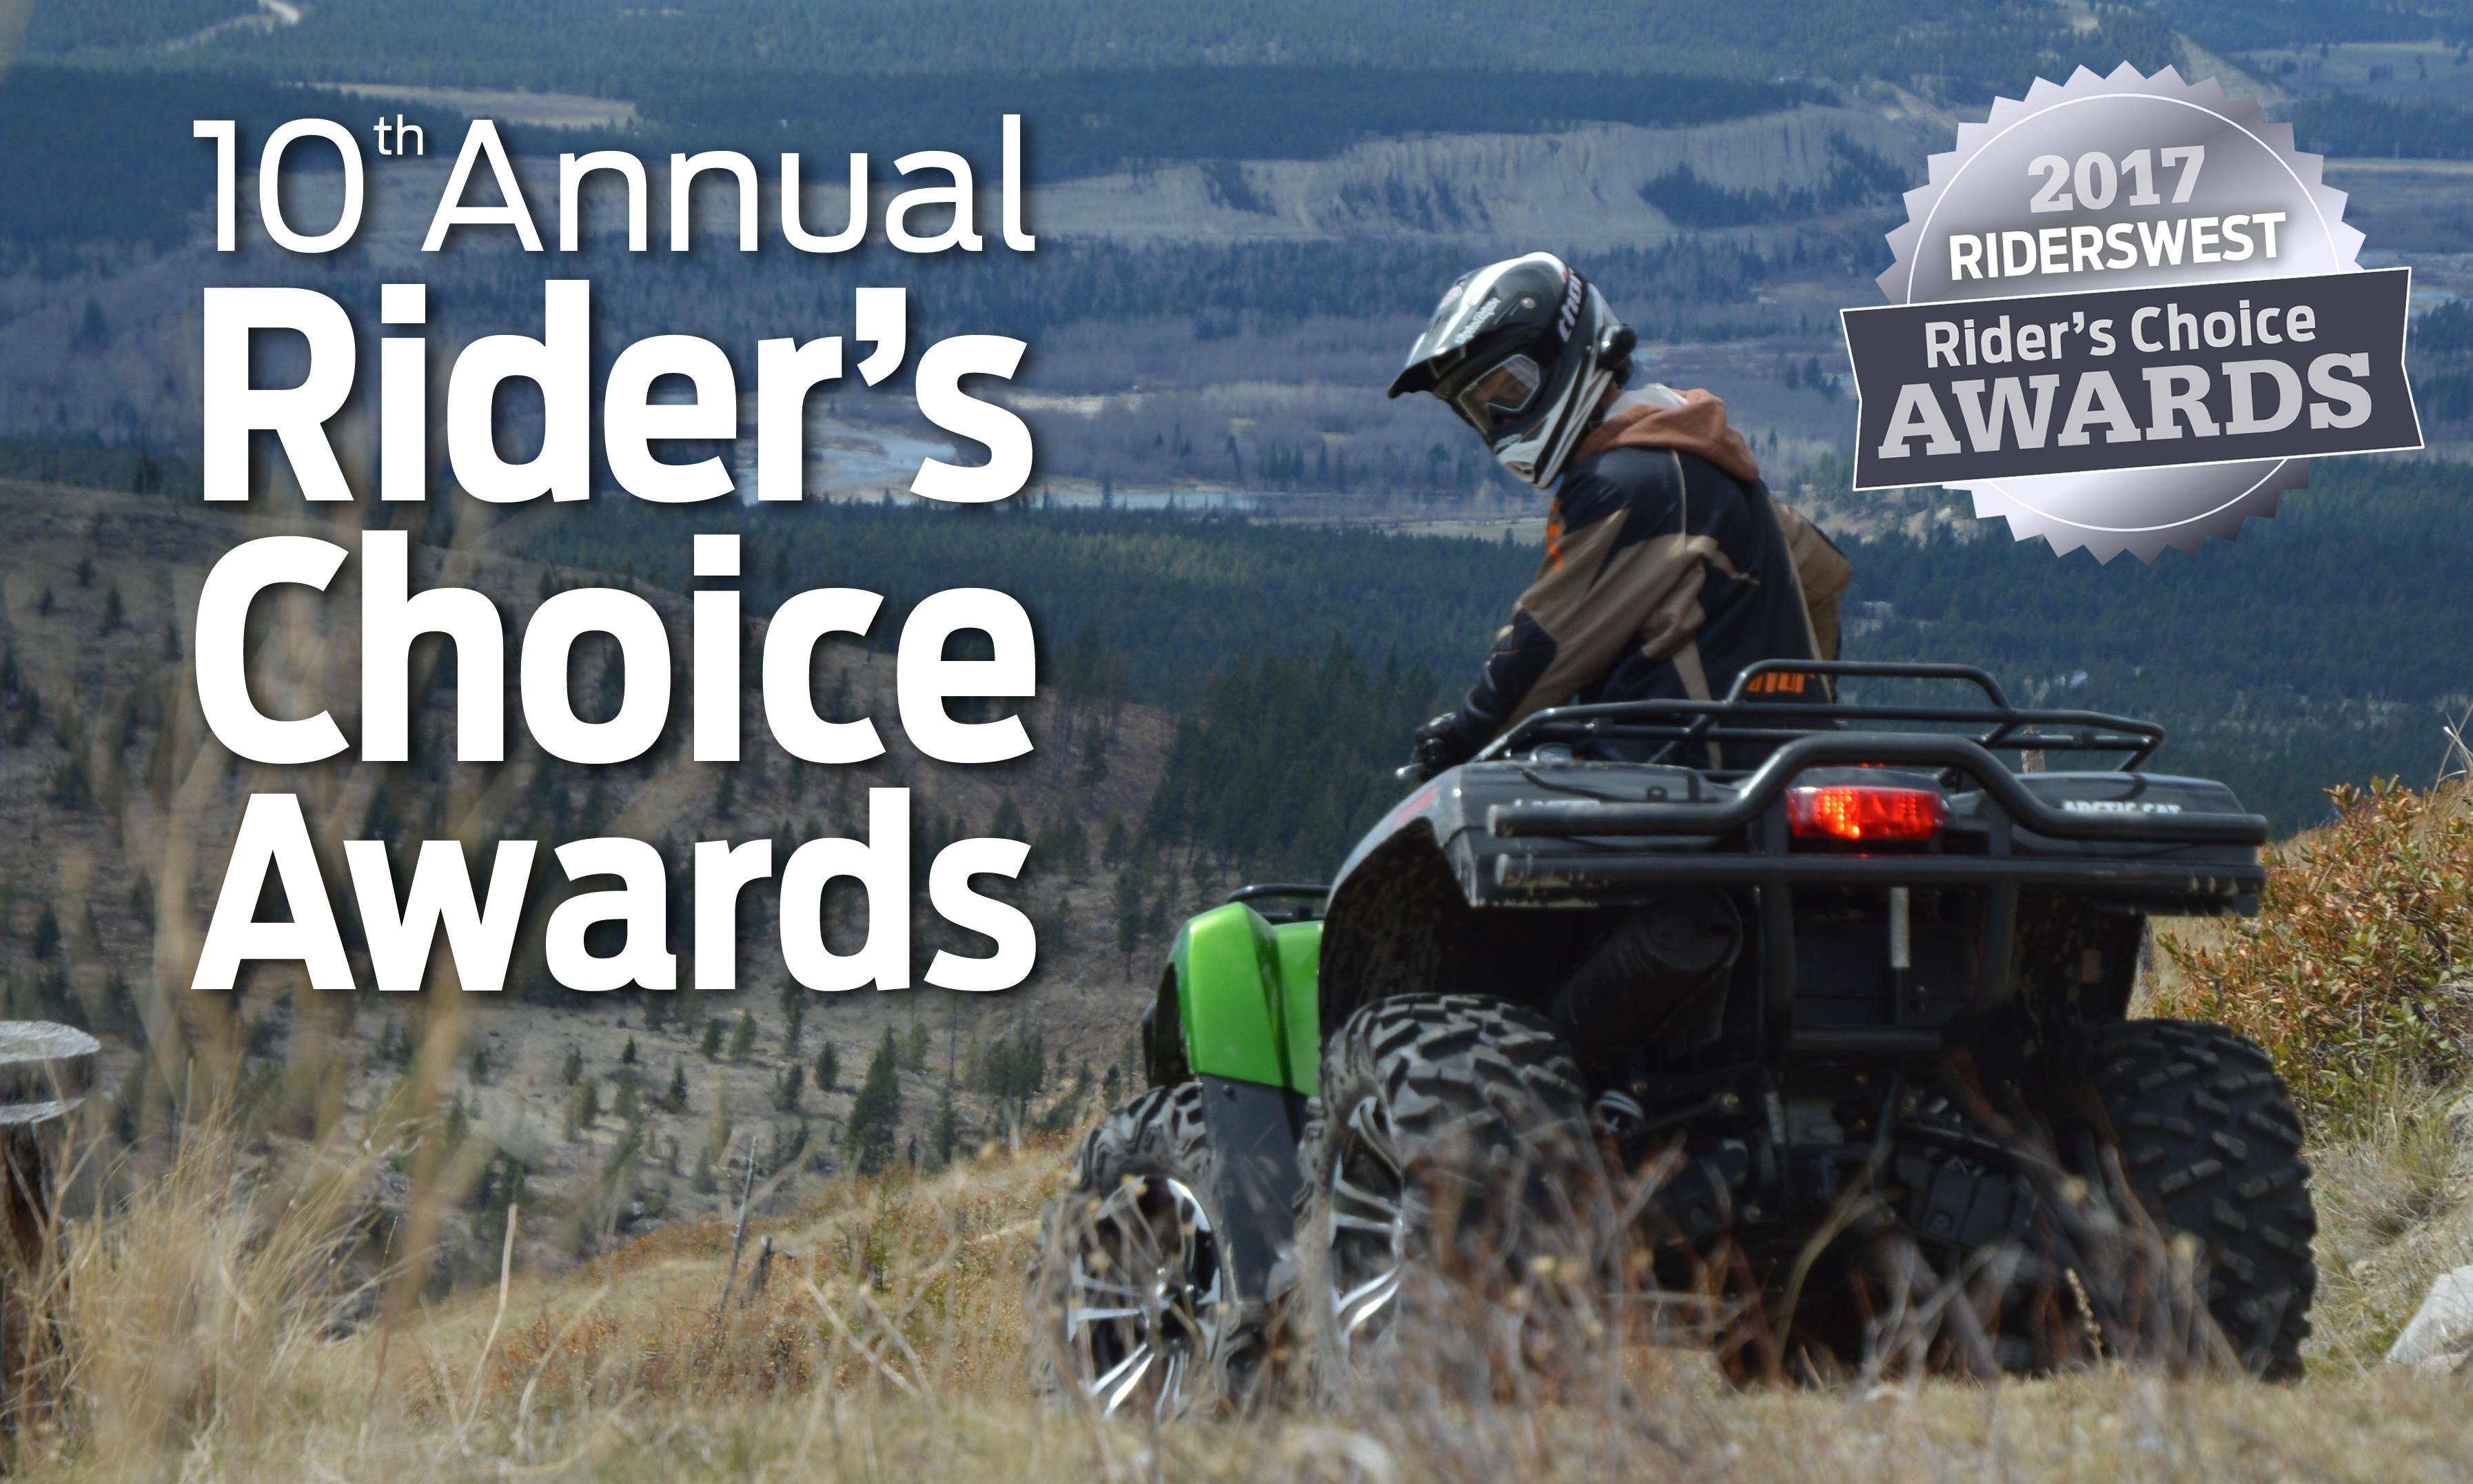 2017 Rider's Choice Awards